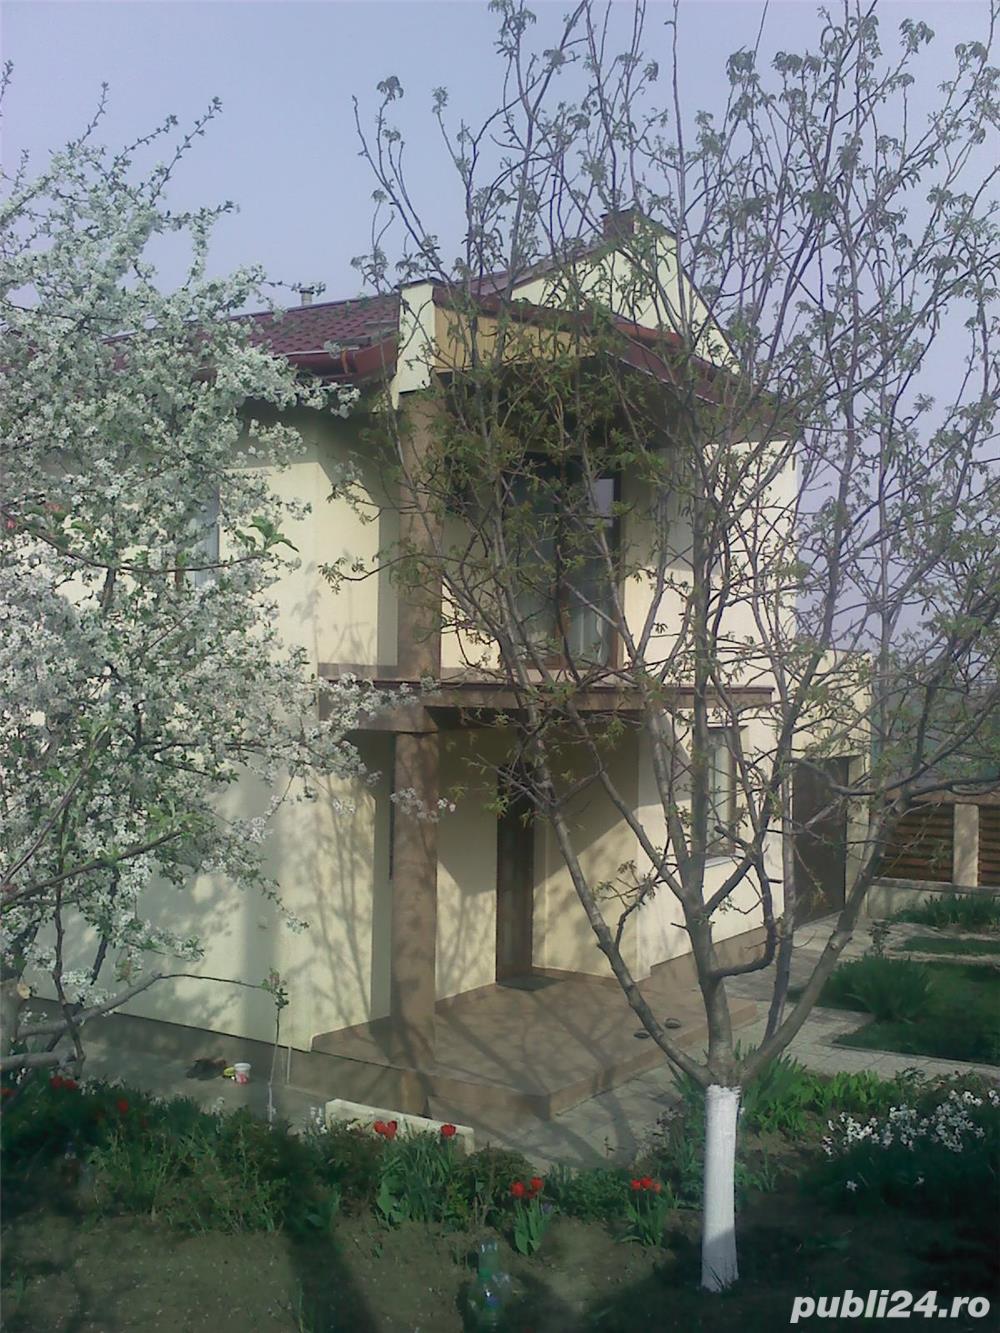 Casa noua in Breazu,demisol,parter,mansarda,garaj ,teren 1000 mp